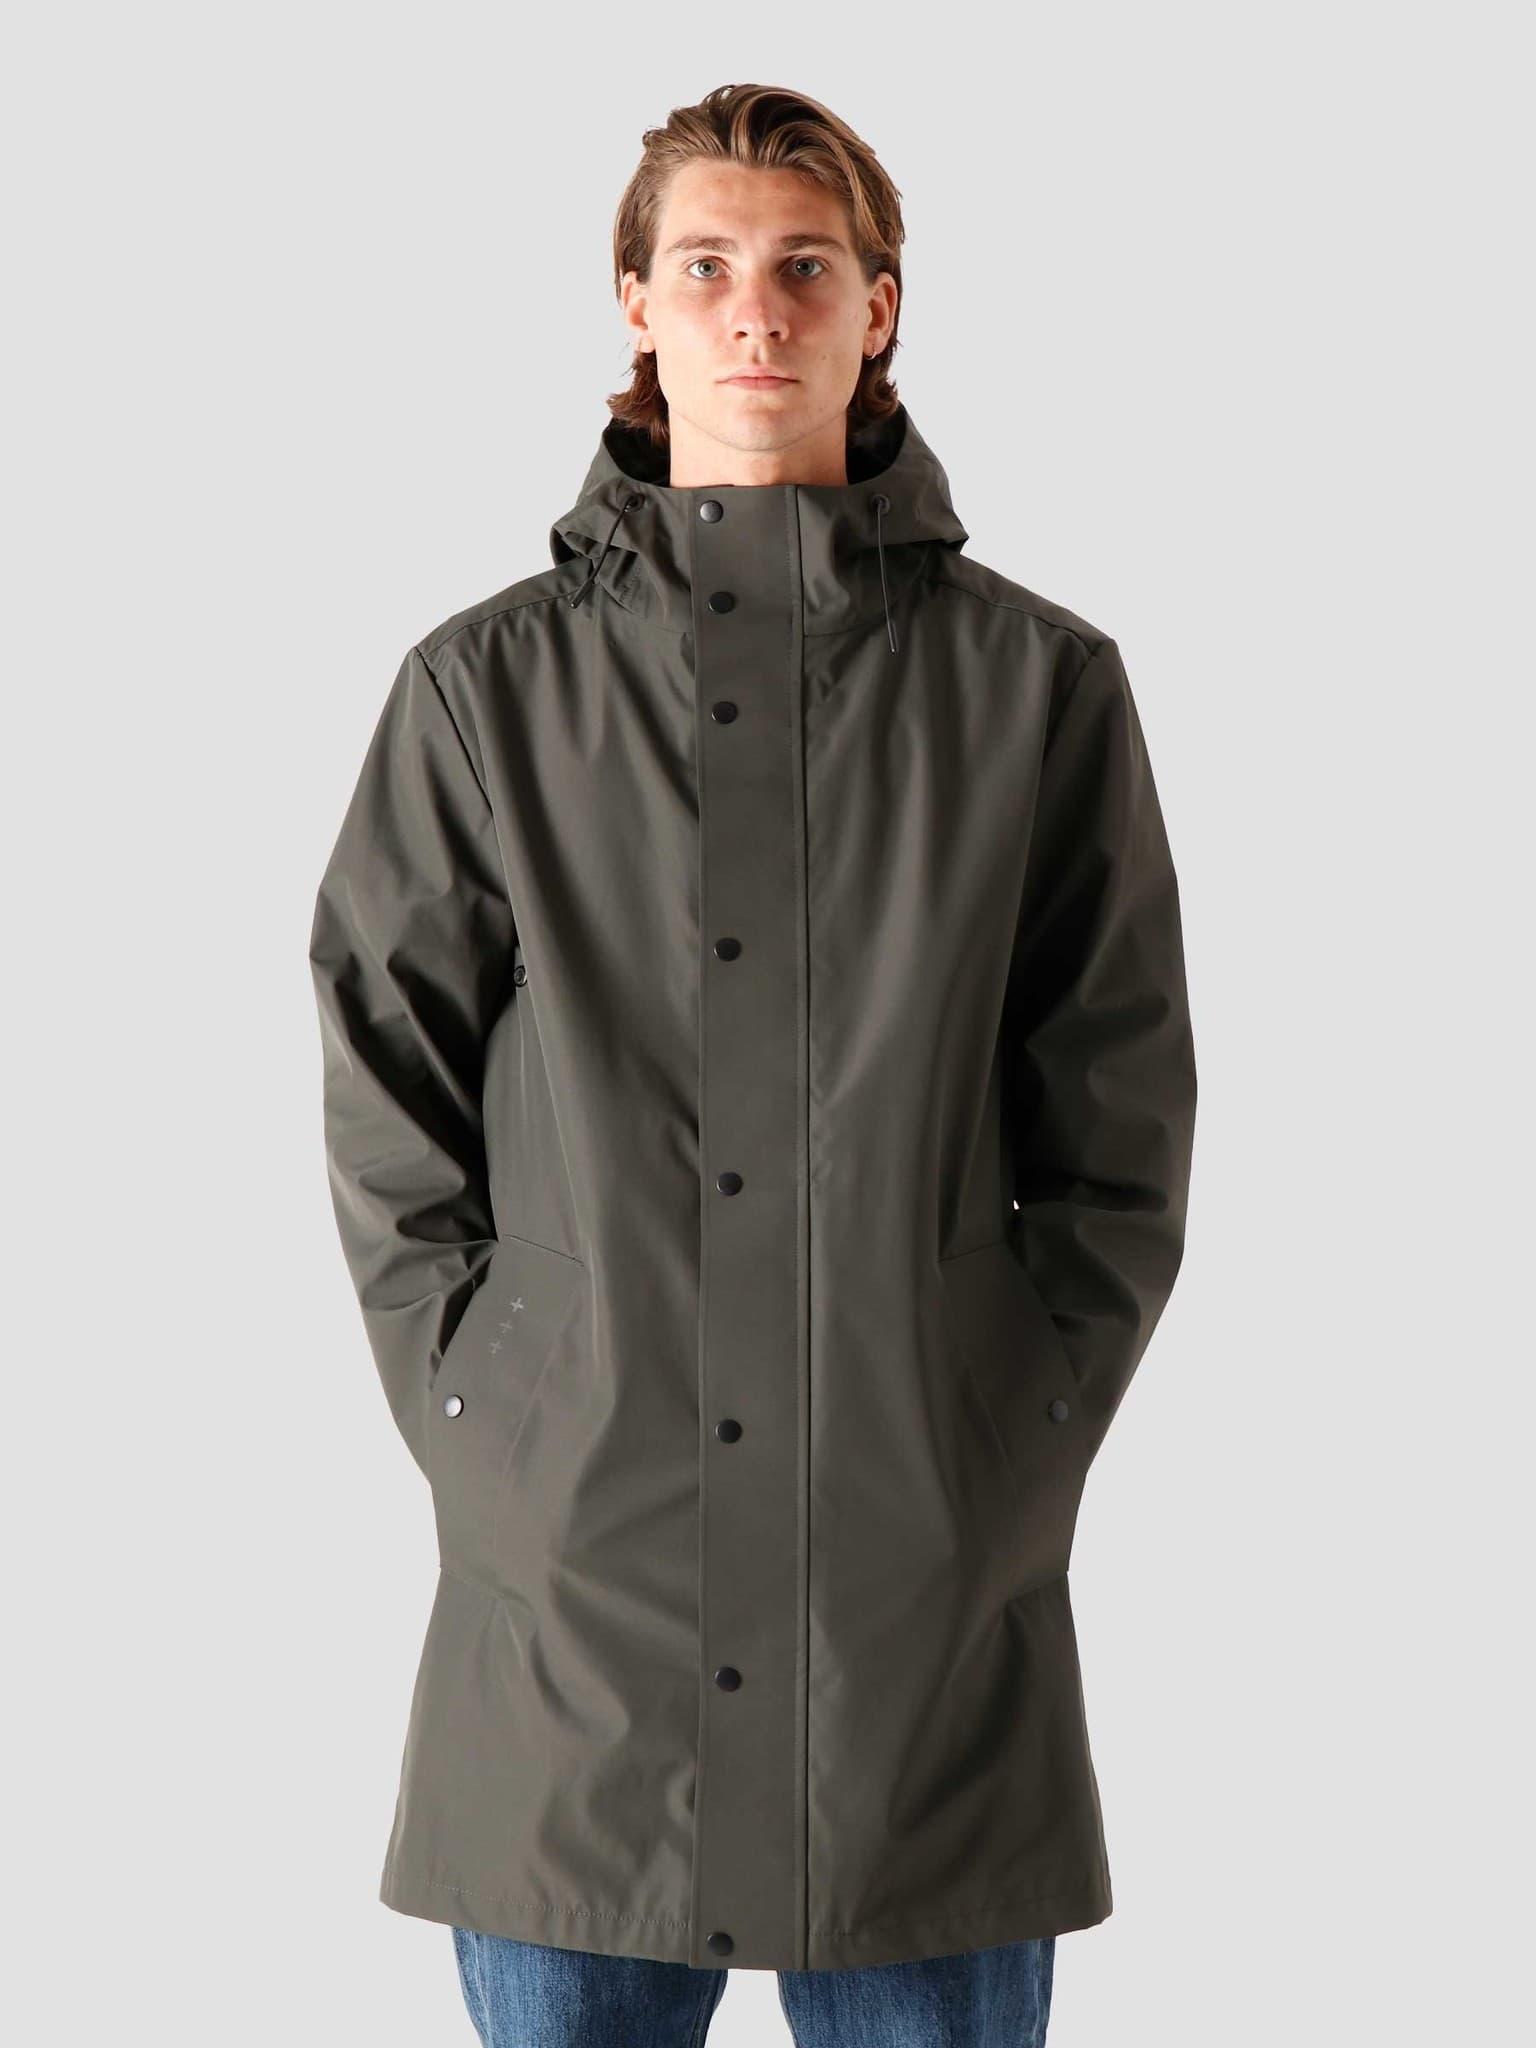 QB220 Rain Coat Military Green